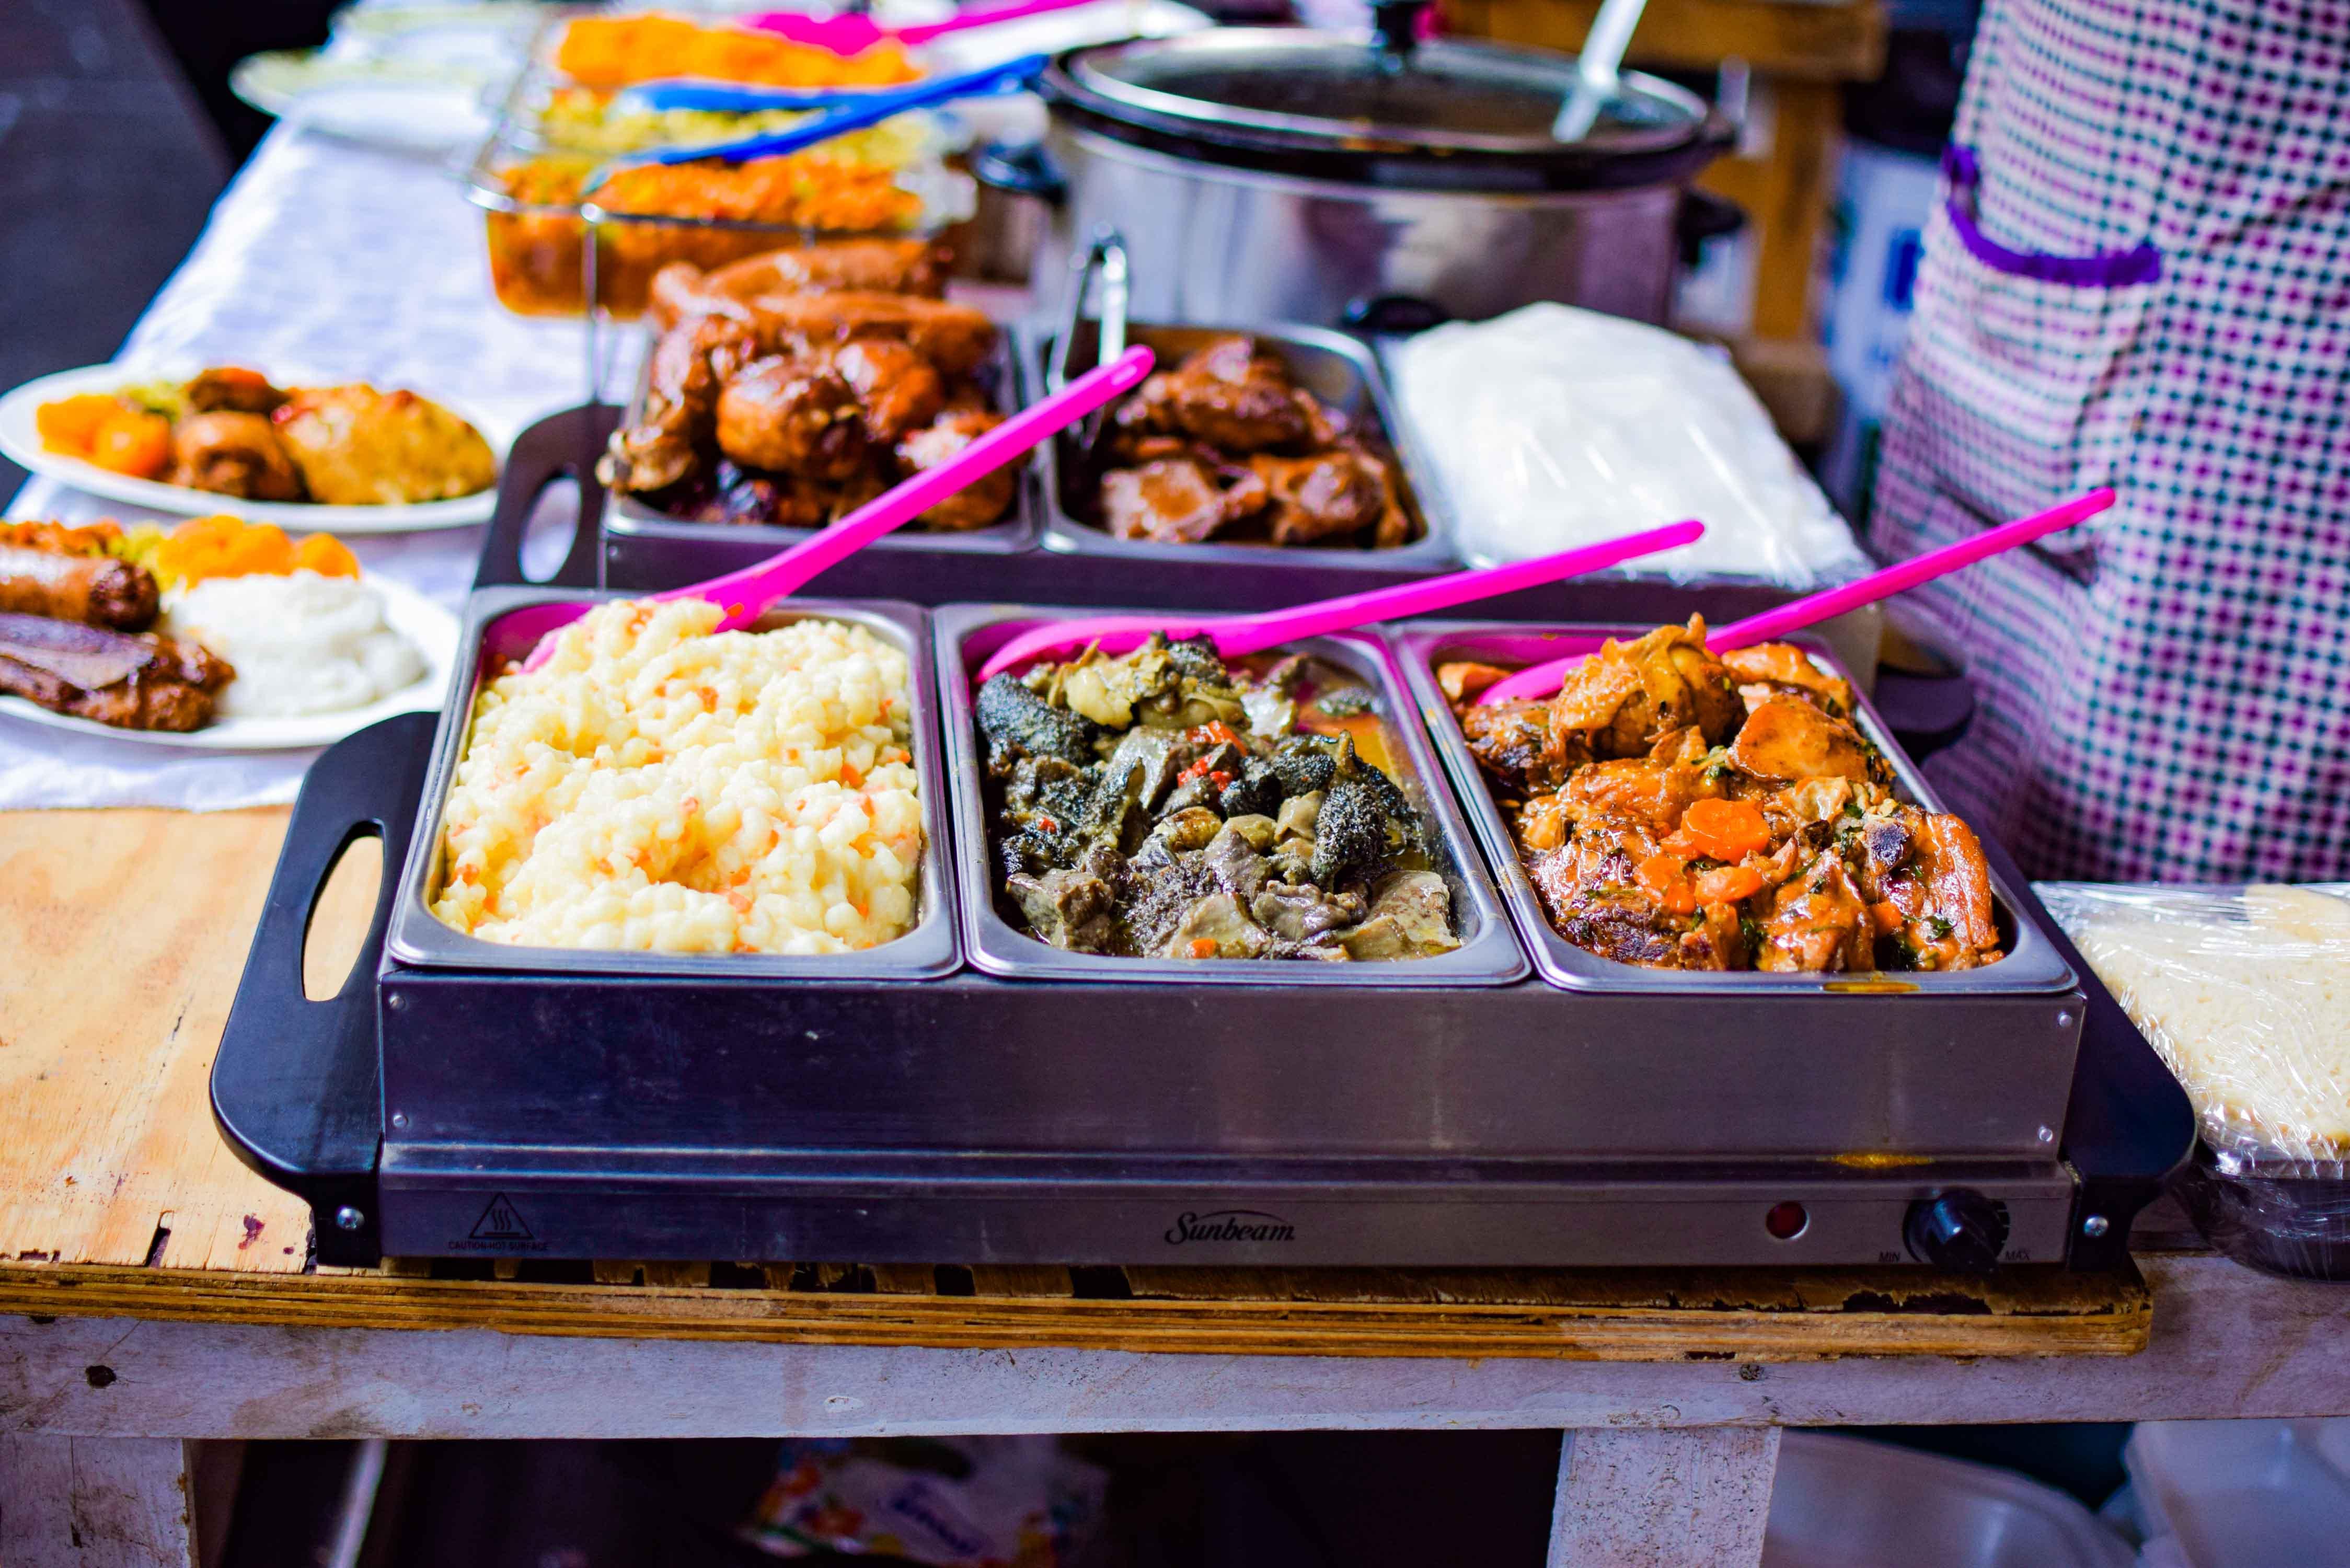 market at the sheds 012 Pretoria Tshwane markets